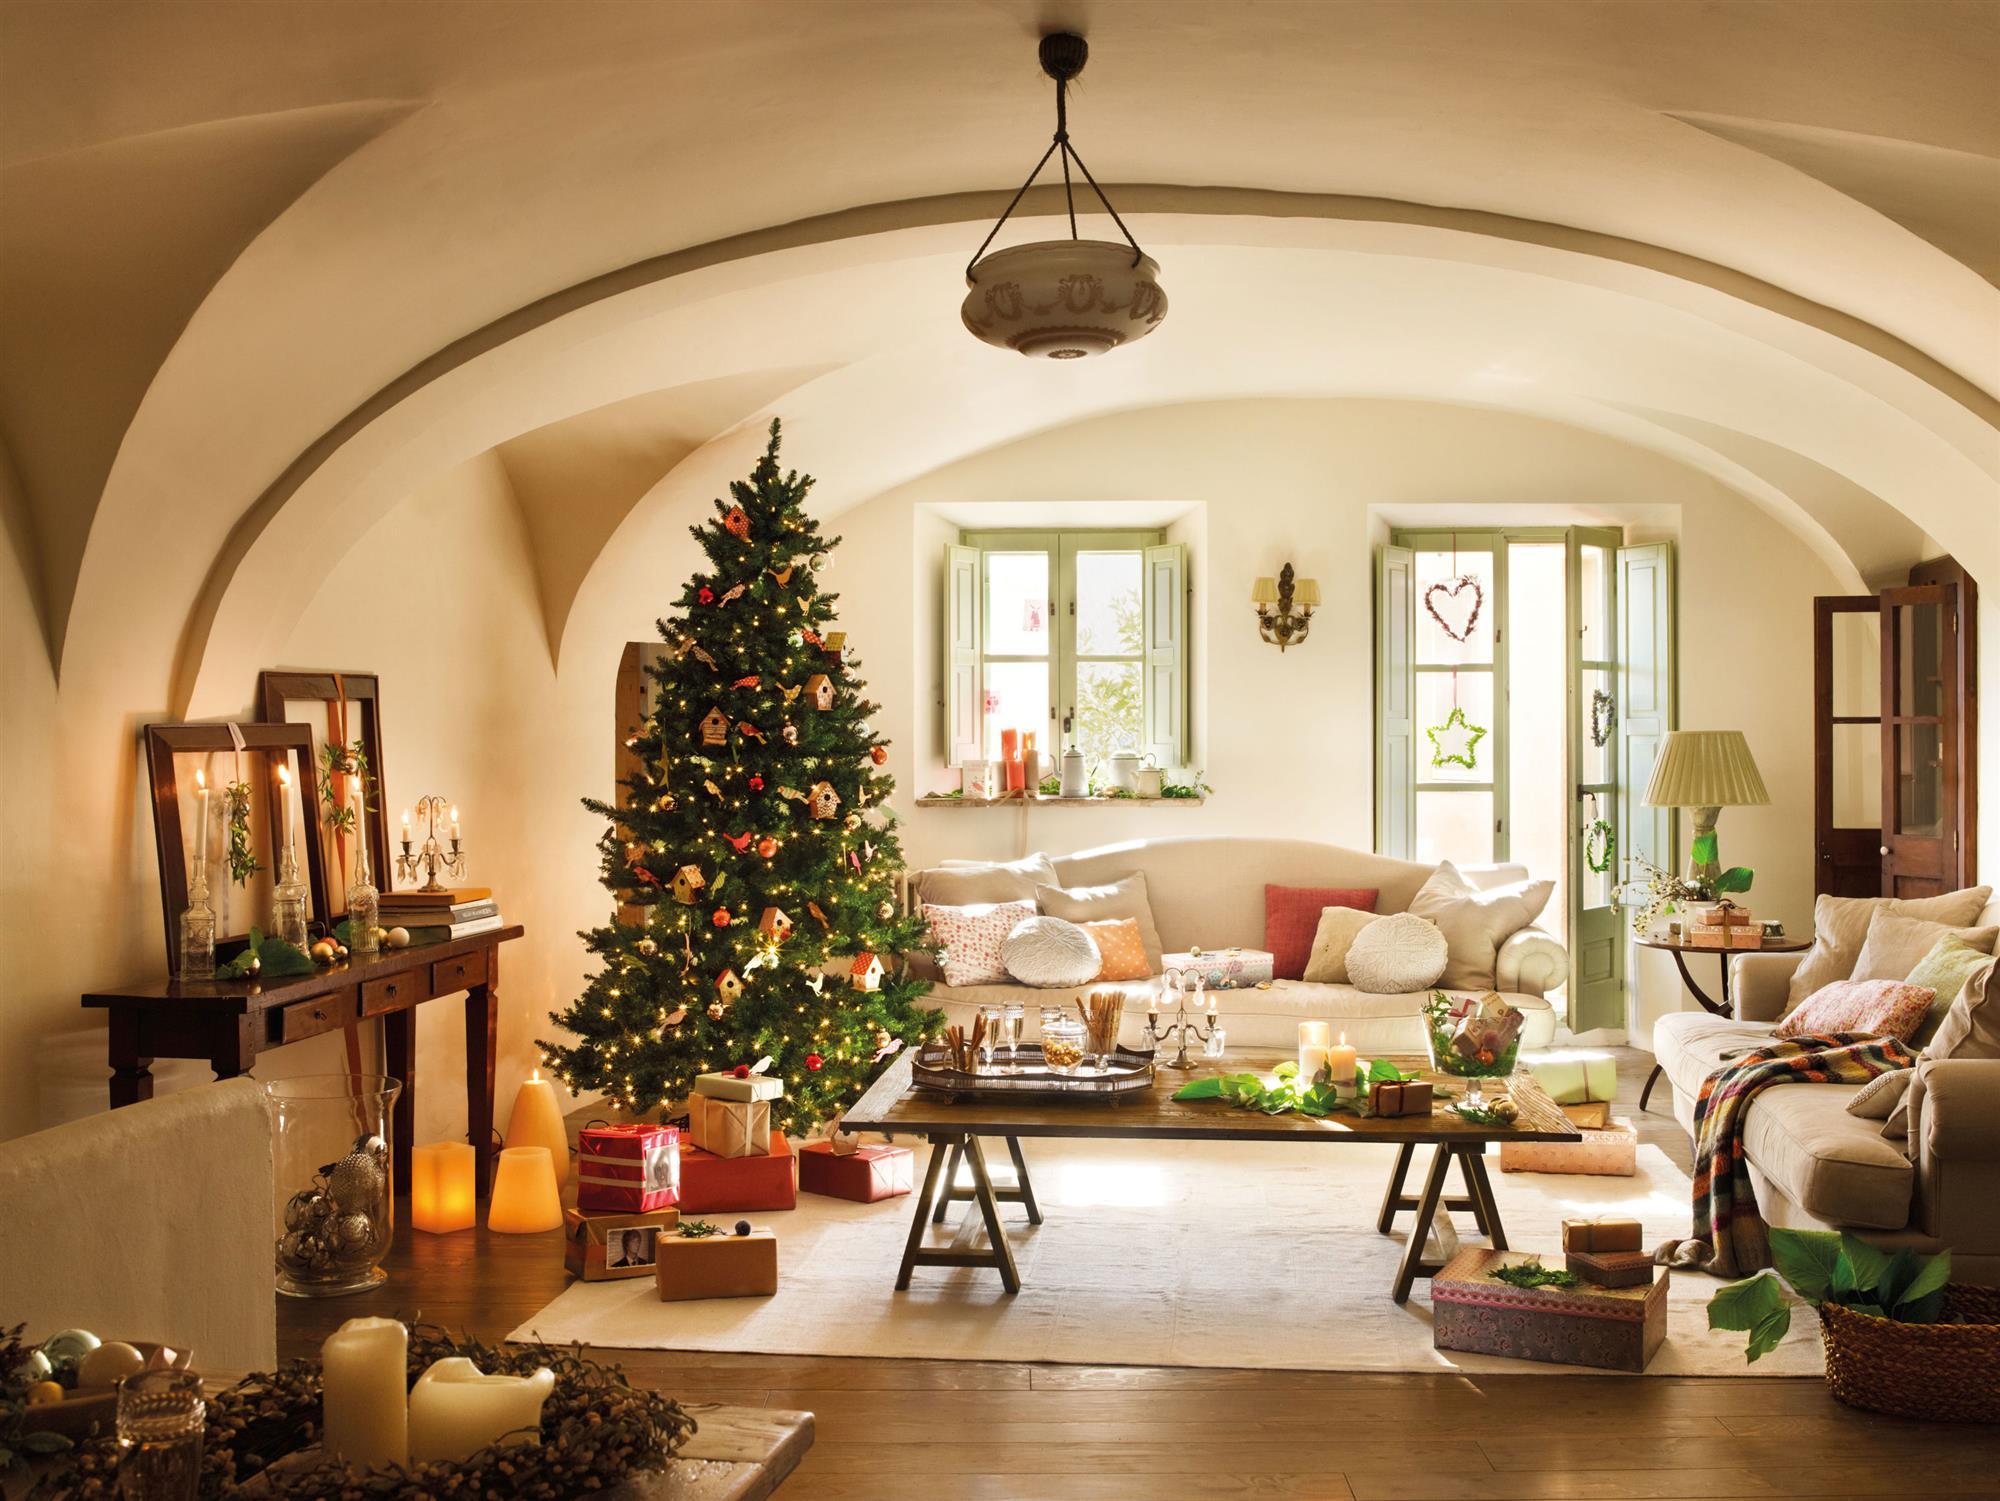 Ideas para decorar una casa de monta a de navidad - Adornos para el salon de casa ...